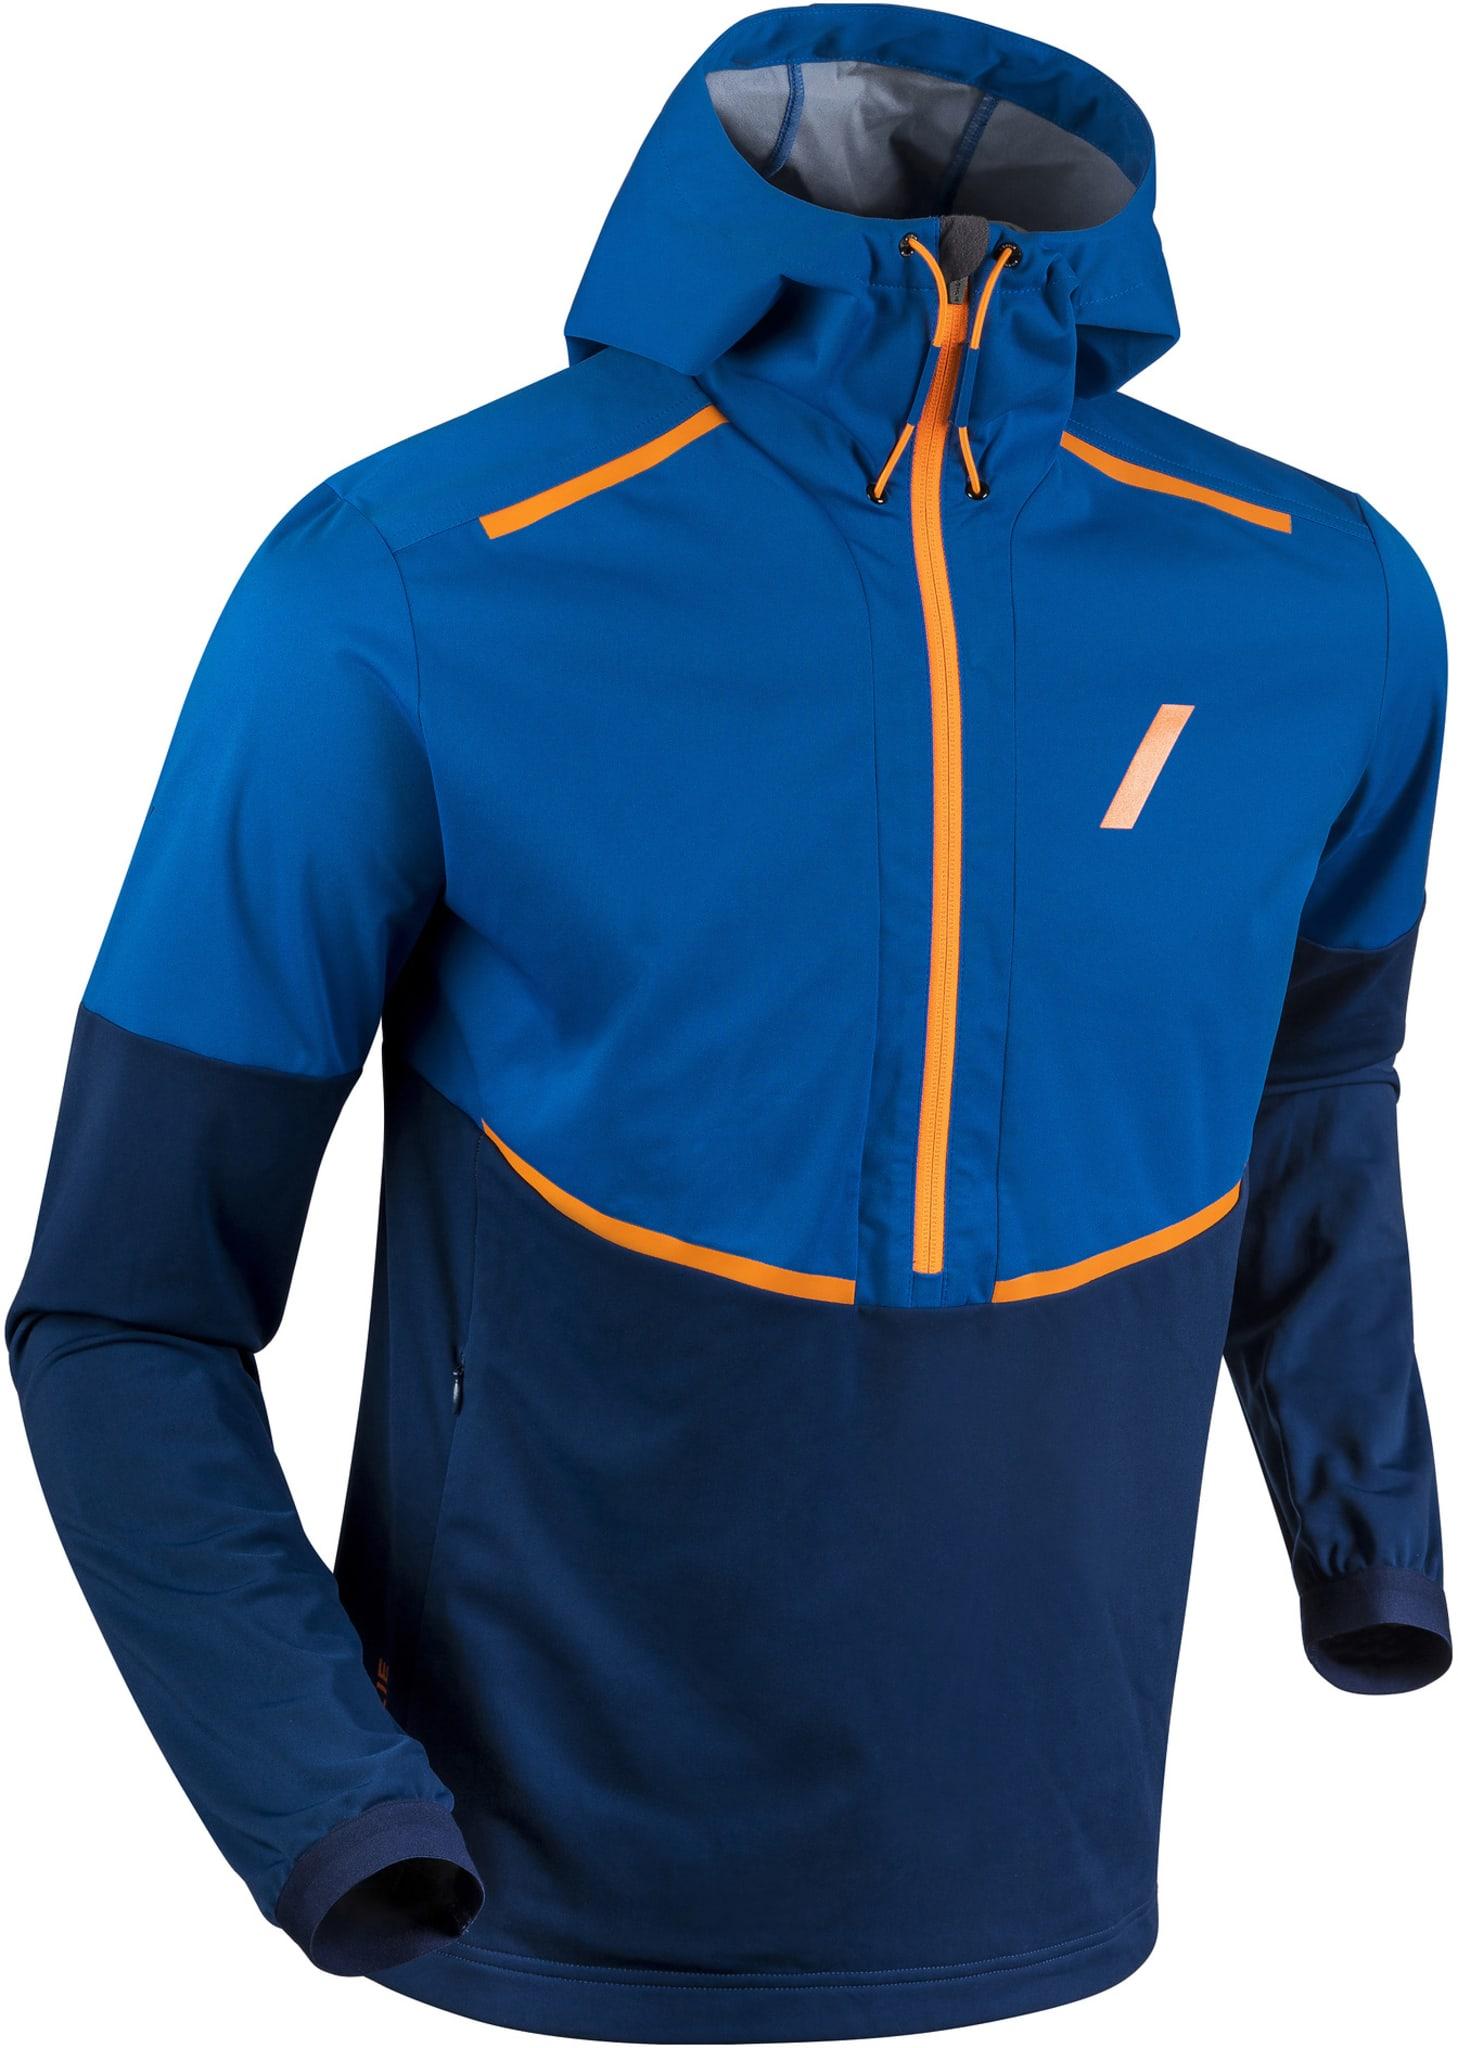 Treningsjakke for de litt kaldere dagene, beskyttelse mot vær og vind - samt gode pusteegenskaper.